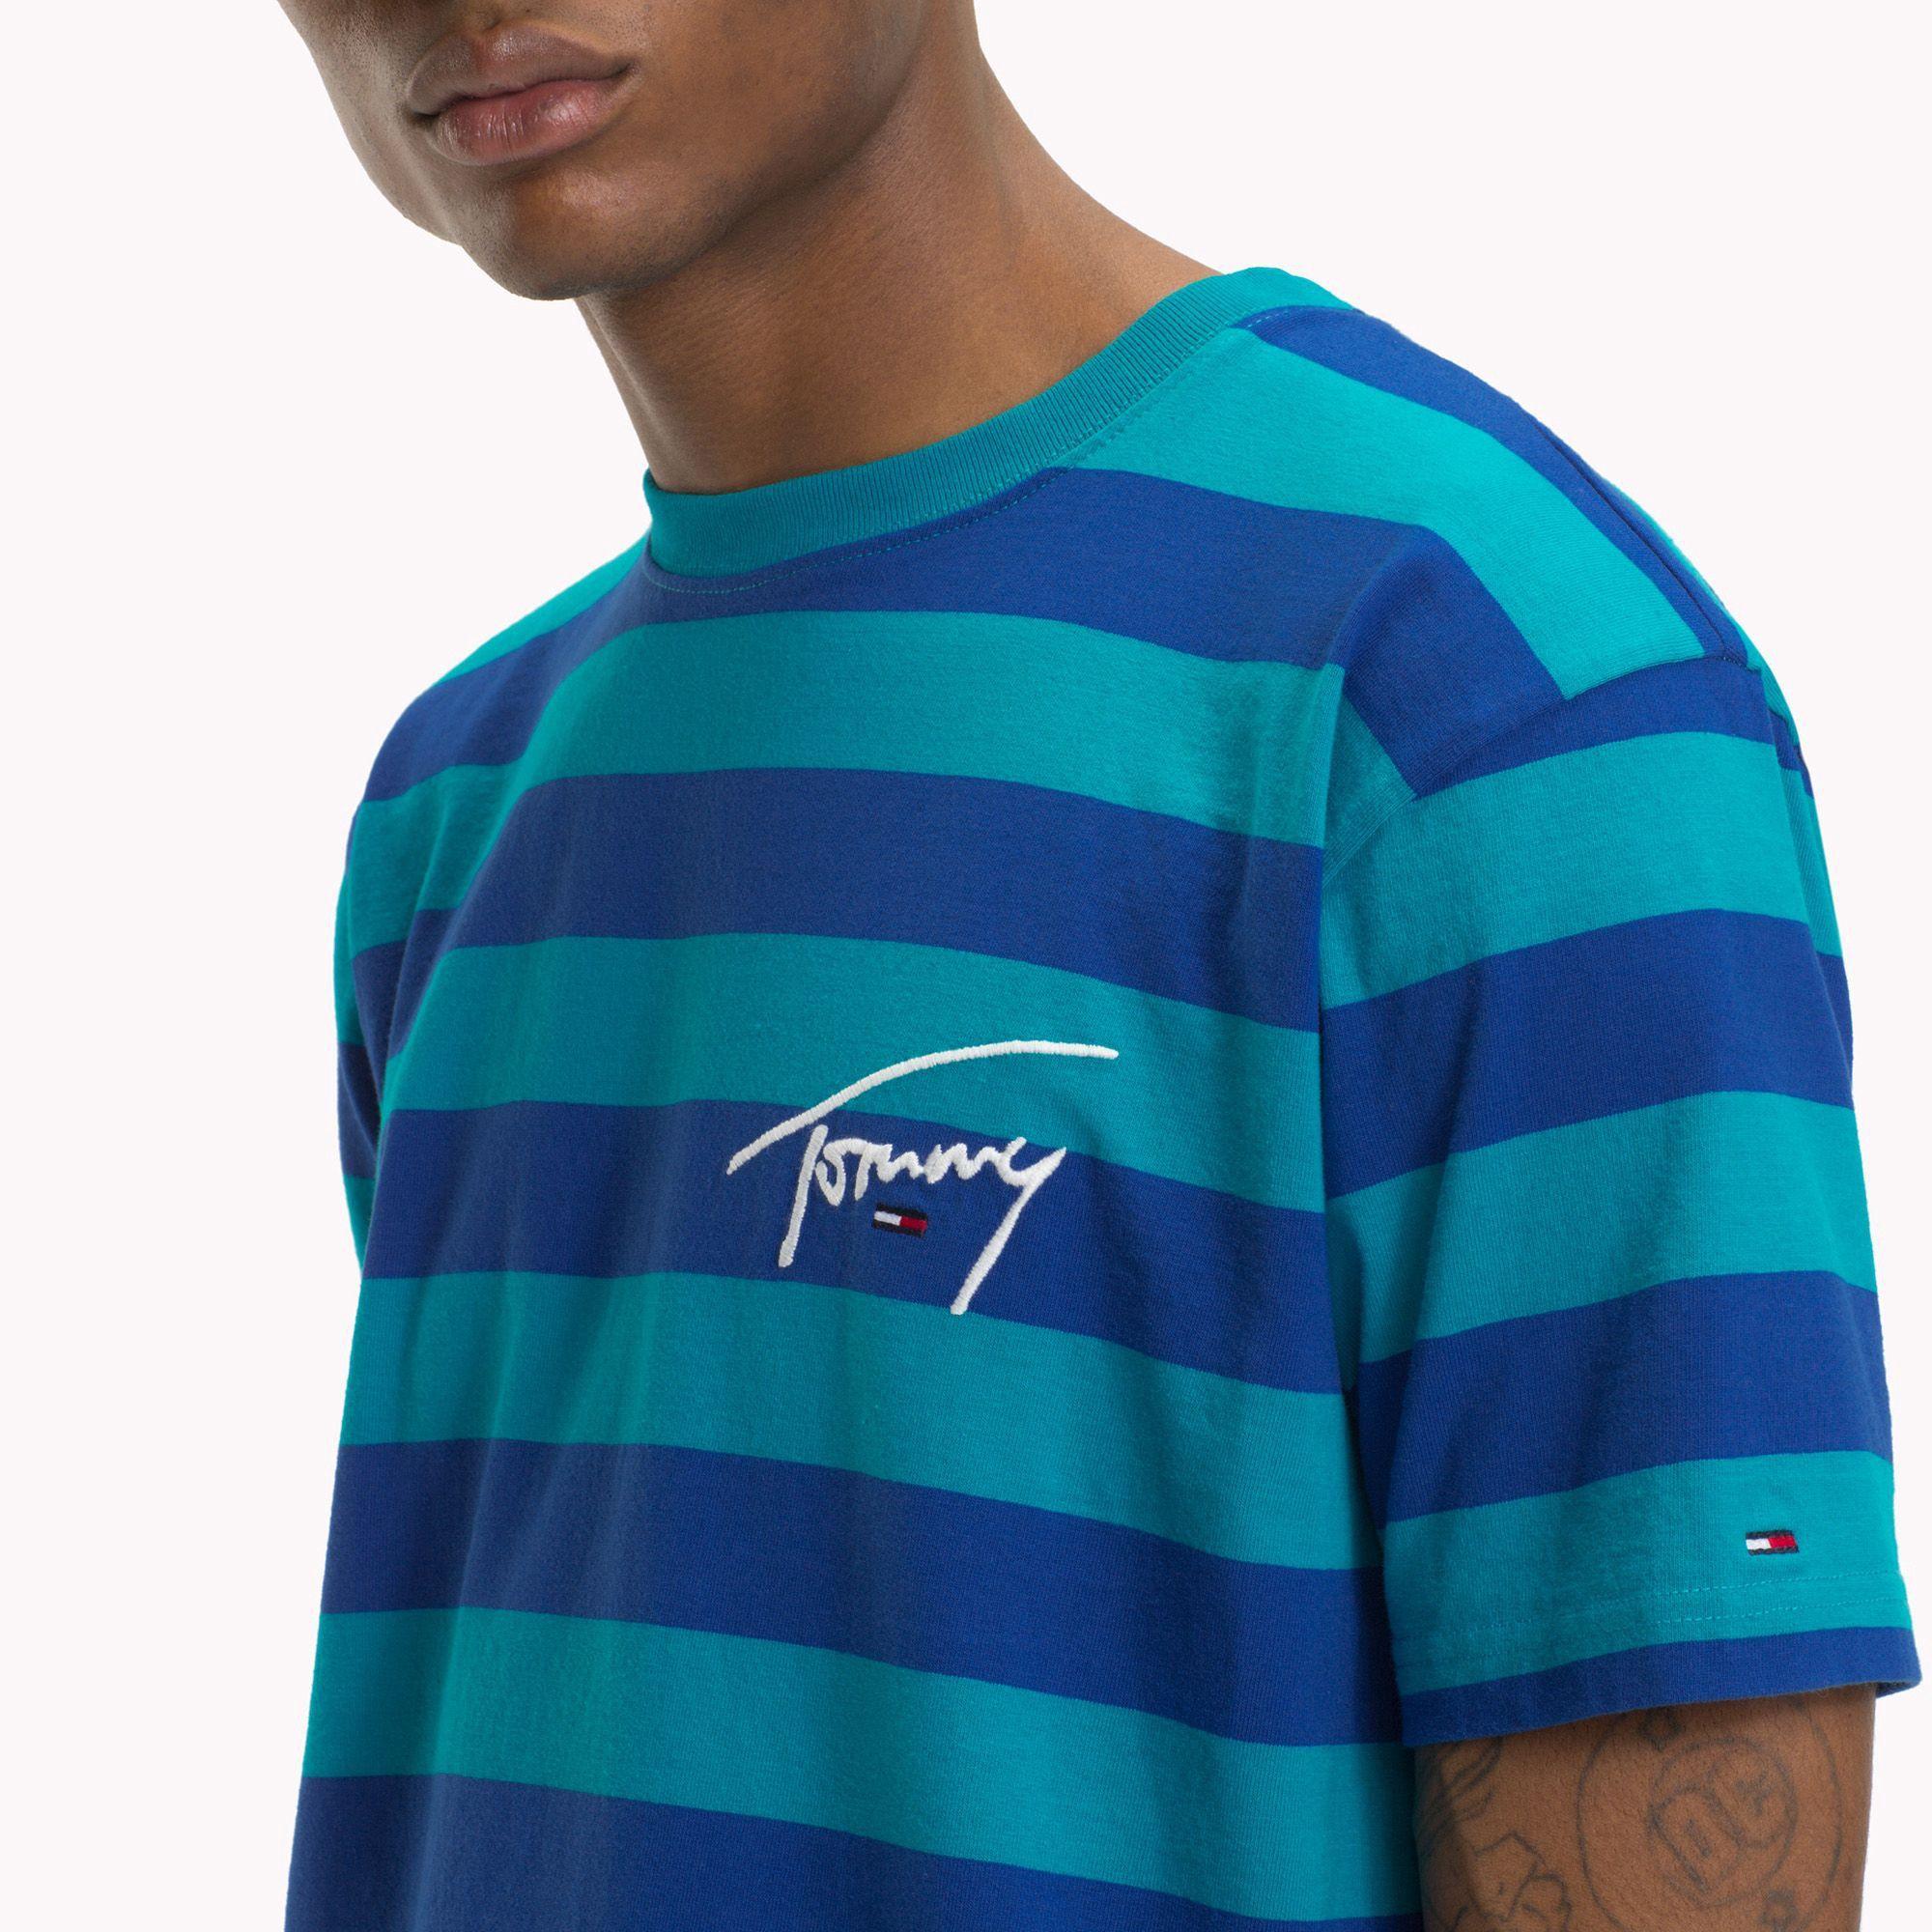 33cc9d784f Tommy Jeans Xplore Signature Stripe T-Shirt by Tommy Hilfiger ...